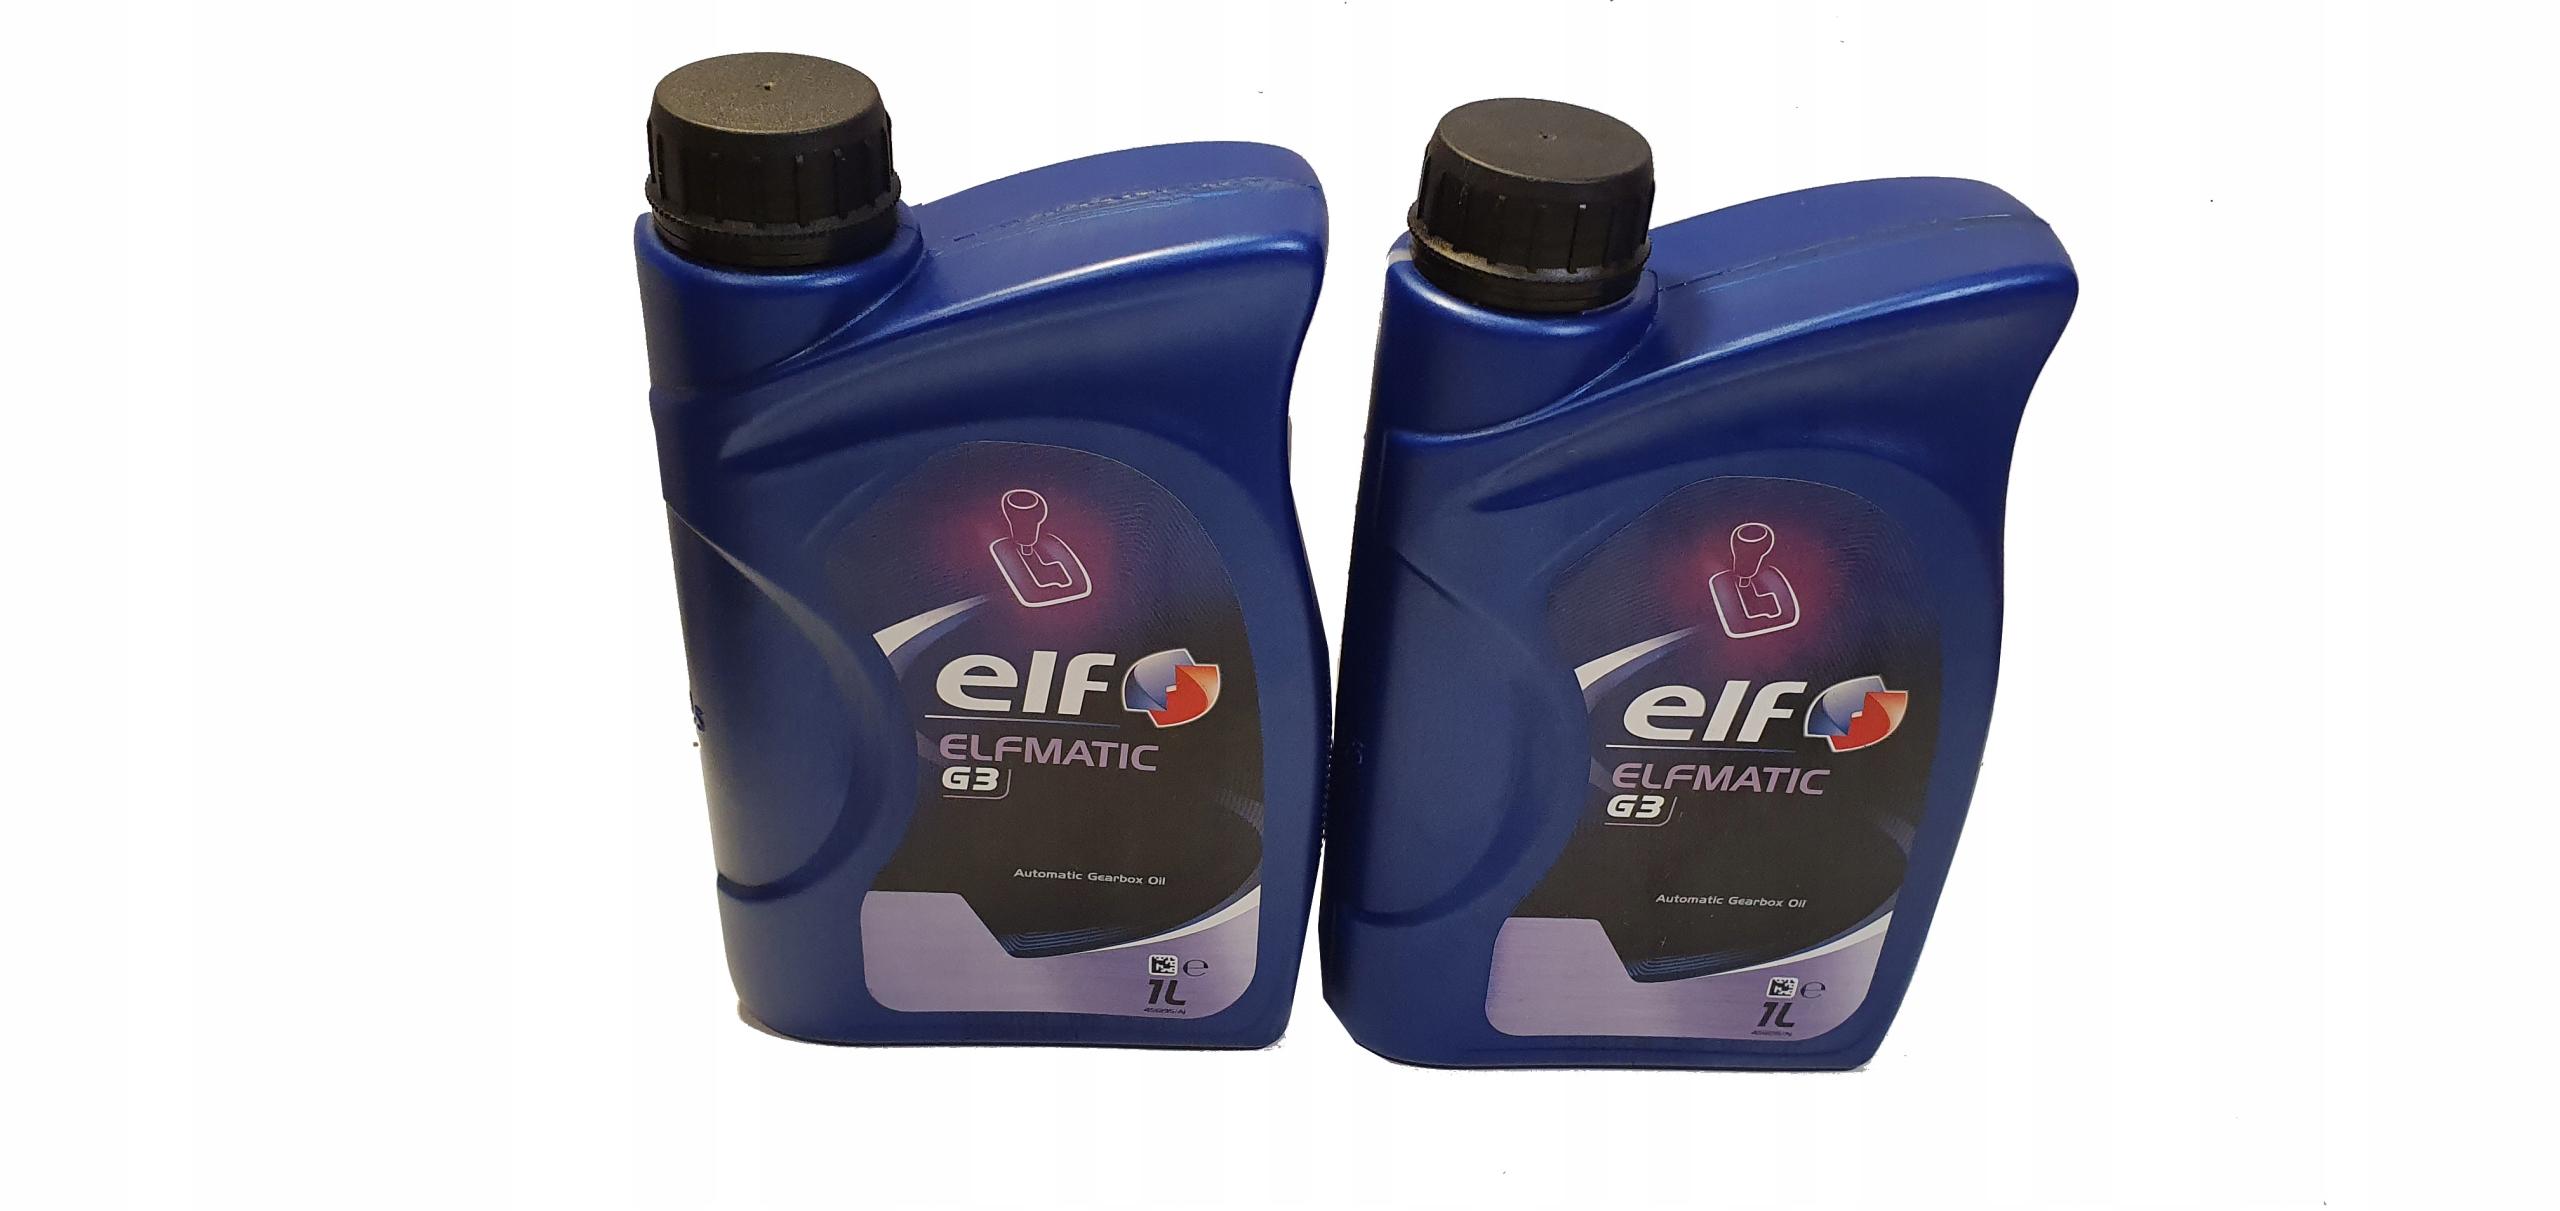 OLEJ ELF ELFMATIC G3 DEXRON III 2X 1L = 2L